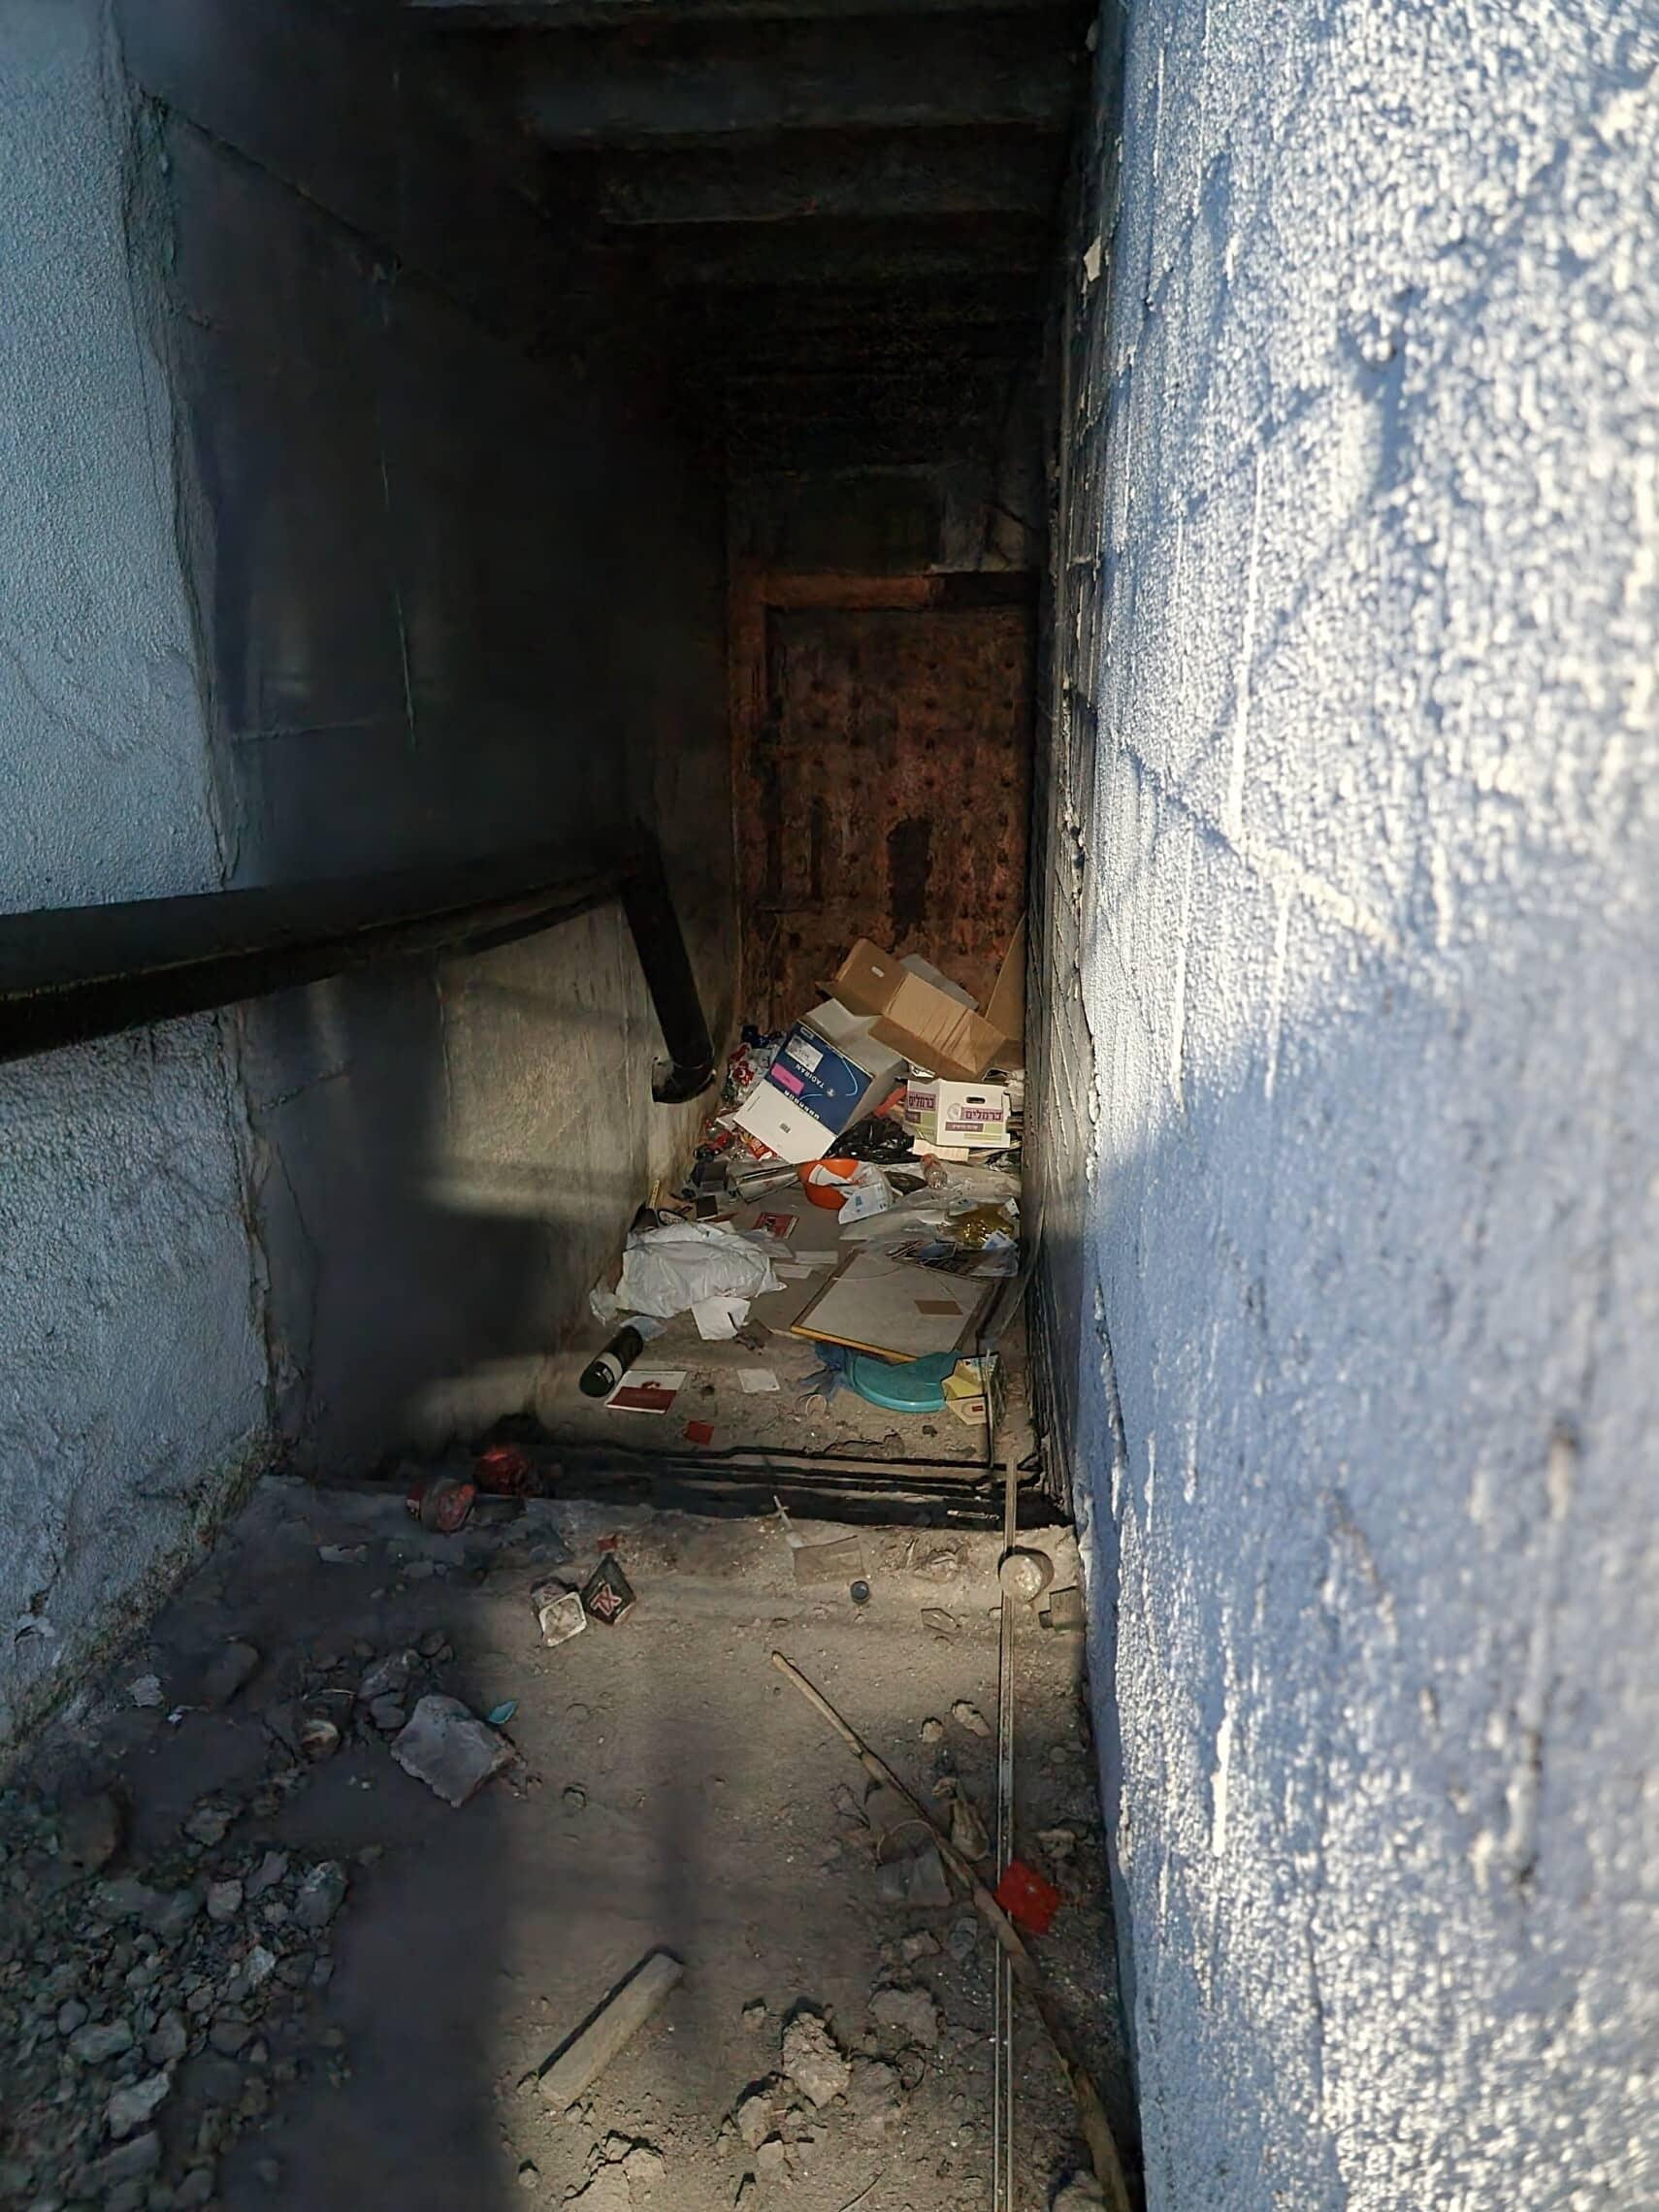 הכניסה למקלט הציבורי למרגלות כיכר אתרים בתל אביב (צילום: אביב לביא)